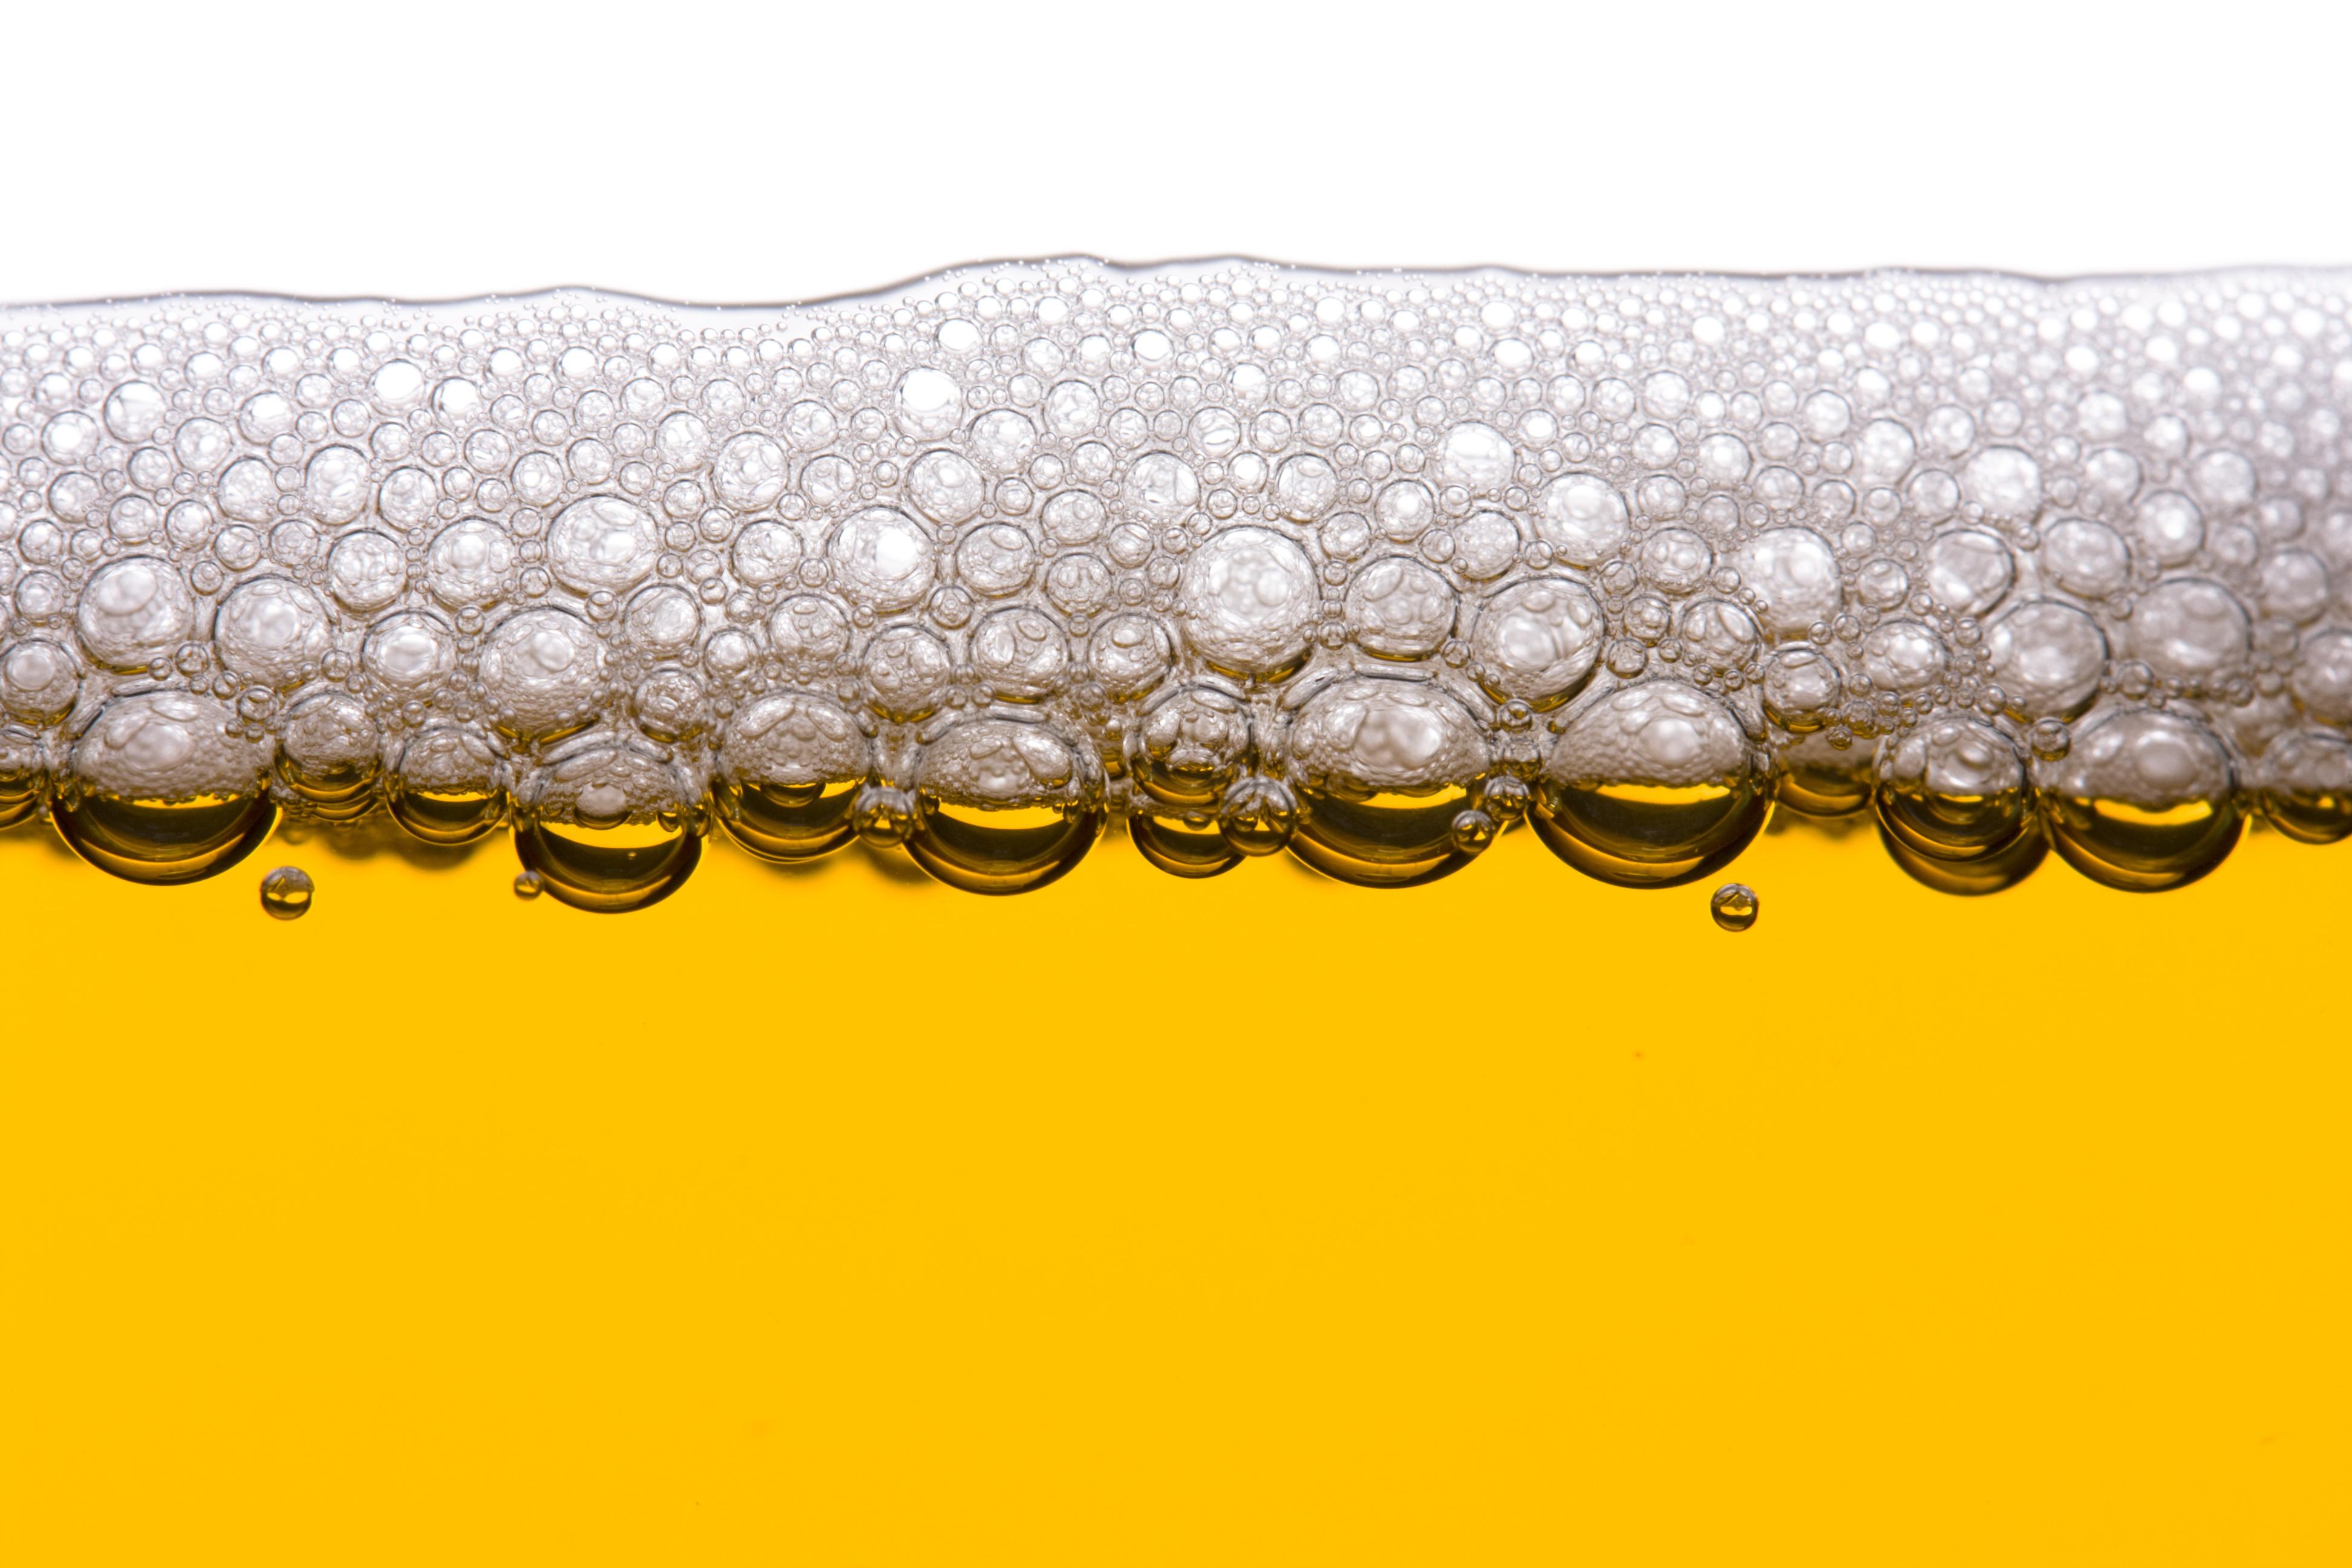 Detail von Bier in einem Glas | Verwendung weltweit